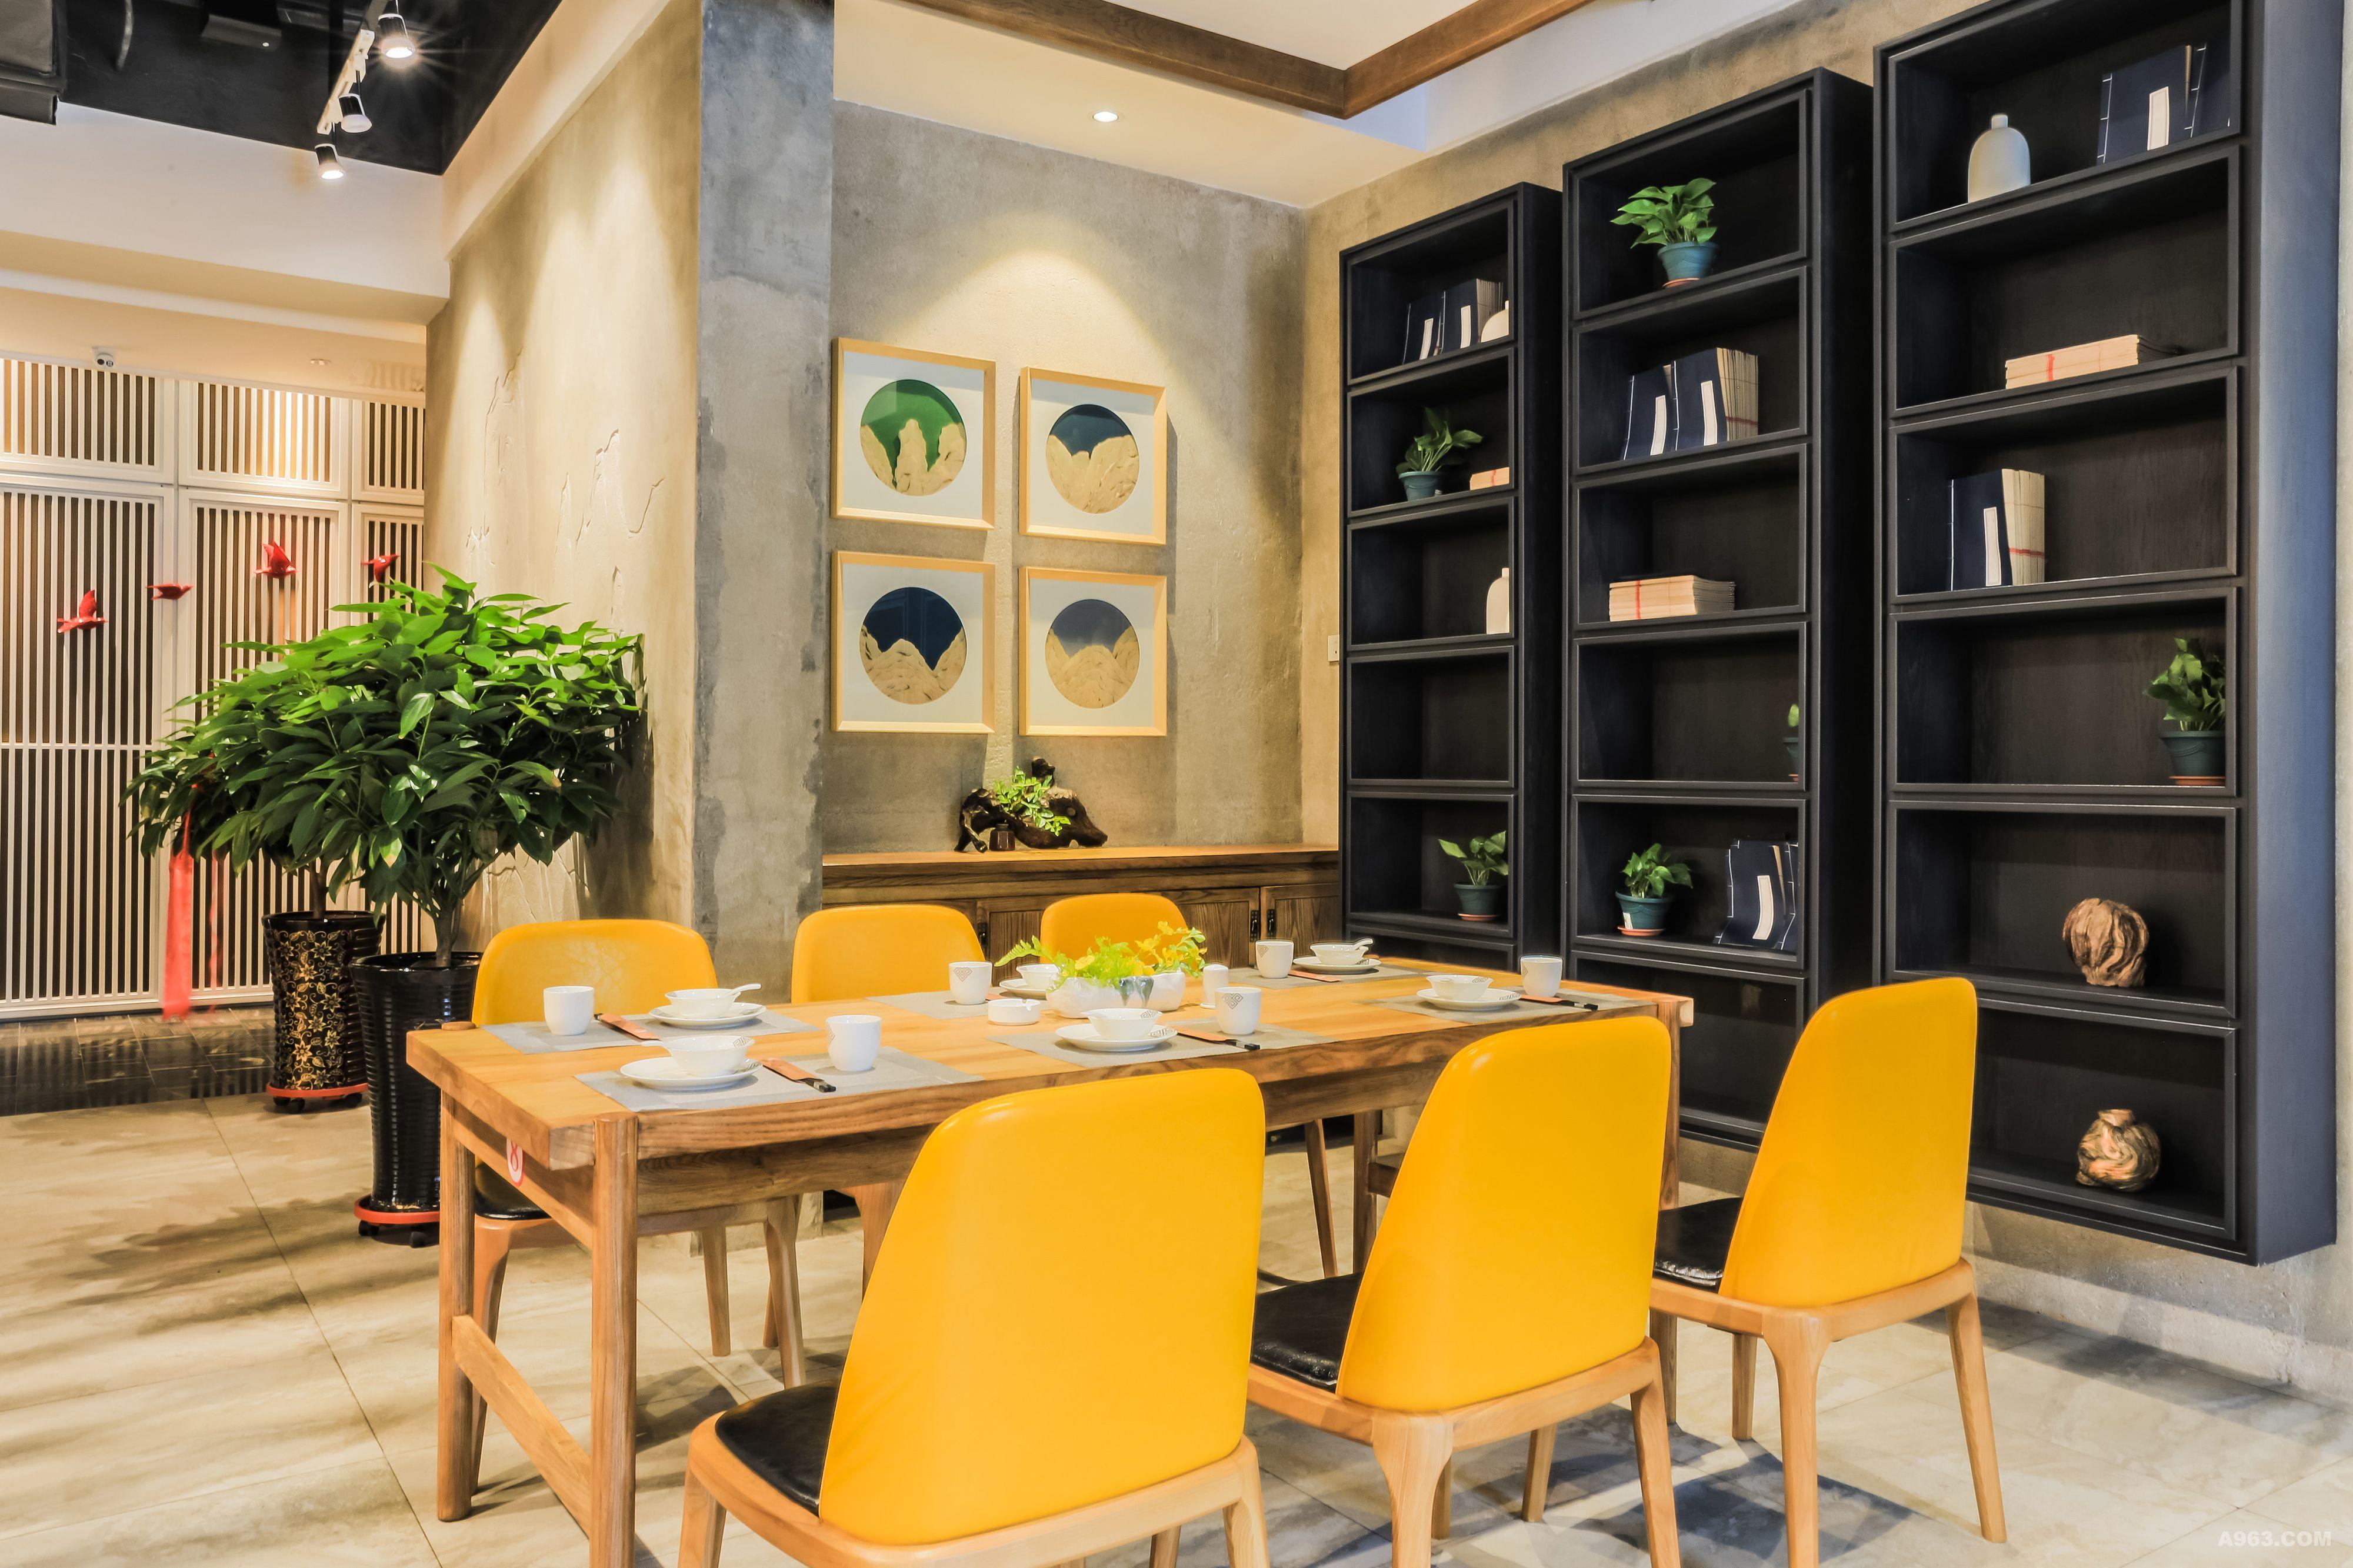 尚味·南舍餐厅 - 餐饮空间 - 第2页 - 陈轩设计作品